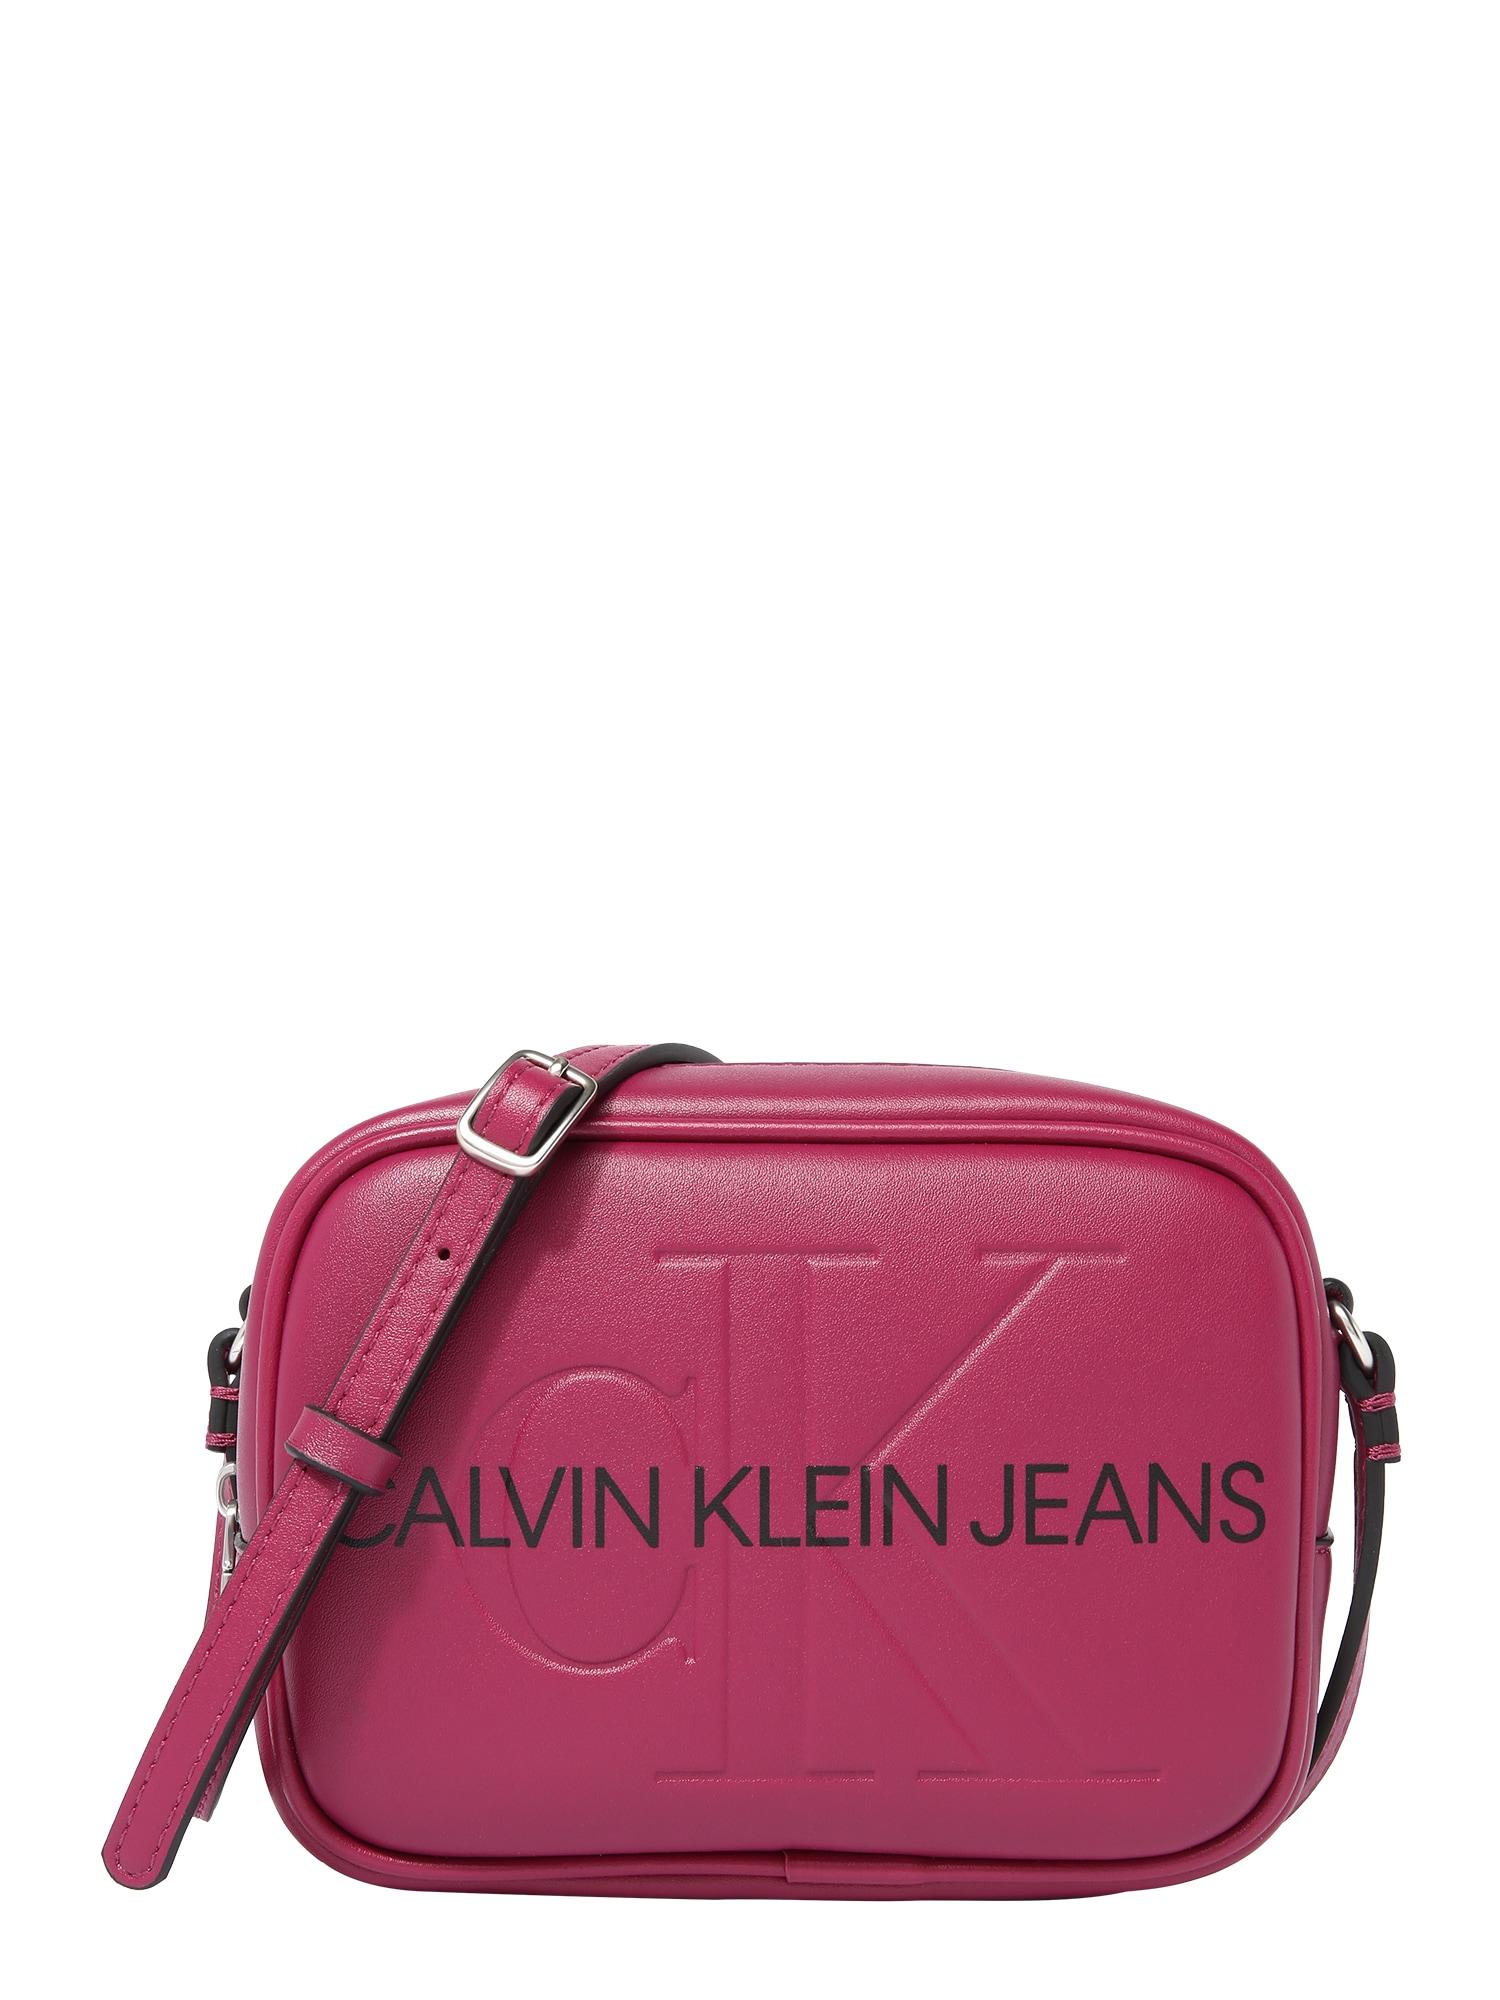 Calvin Klein Jeans Rankinė su ilgu dirželiu tamsiai raudona / juoda